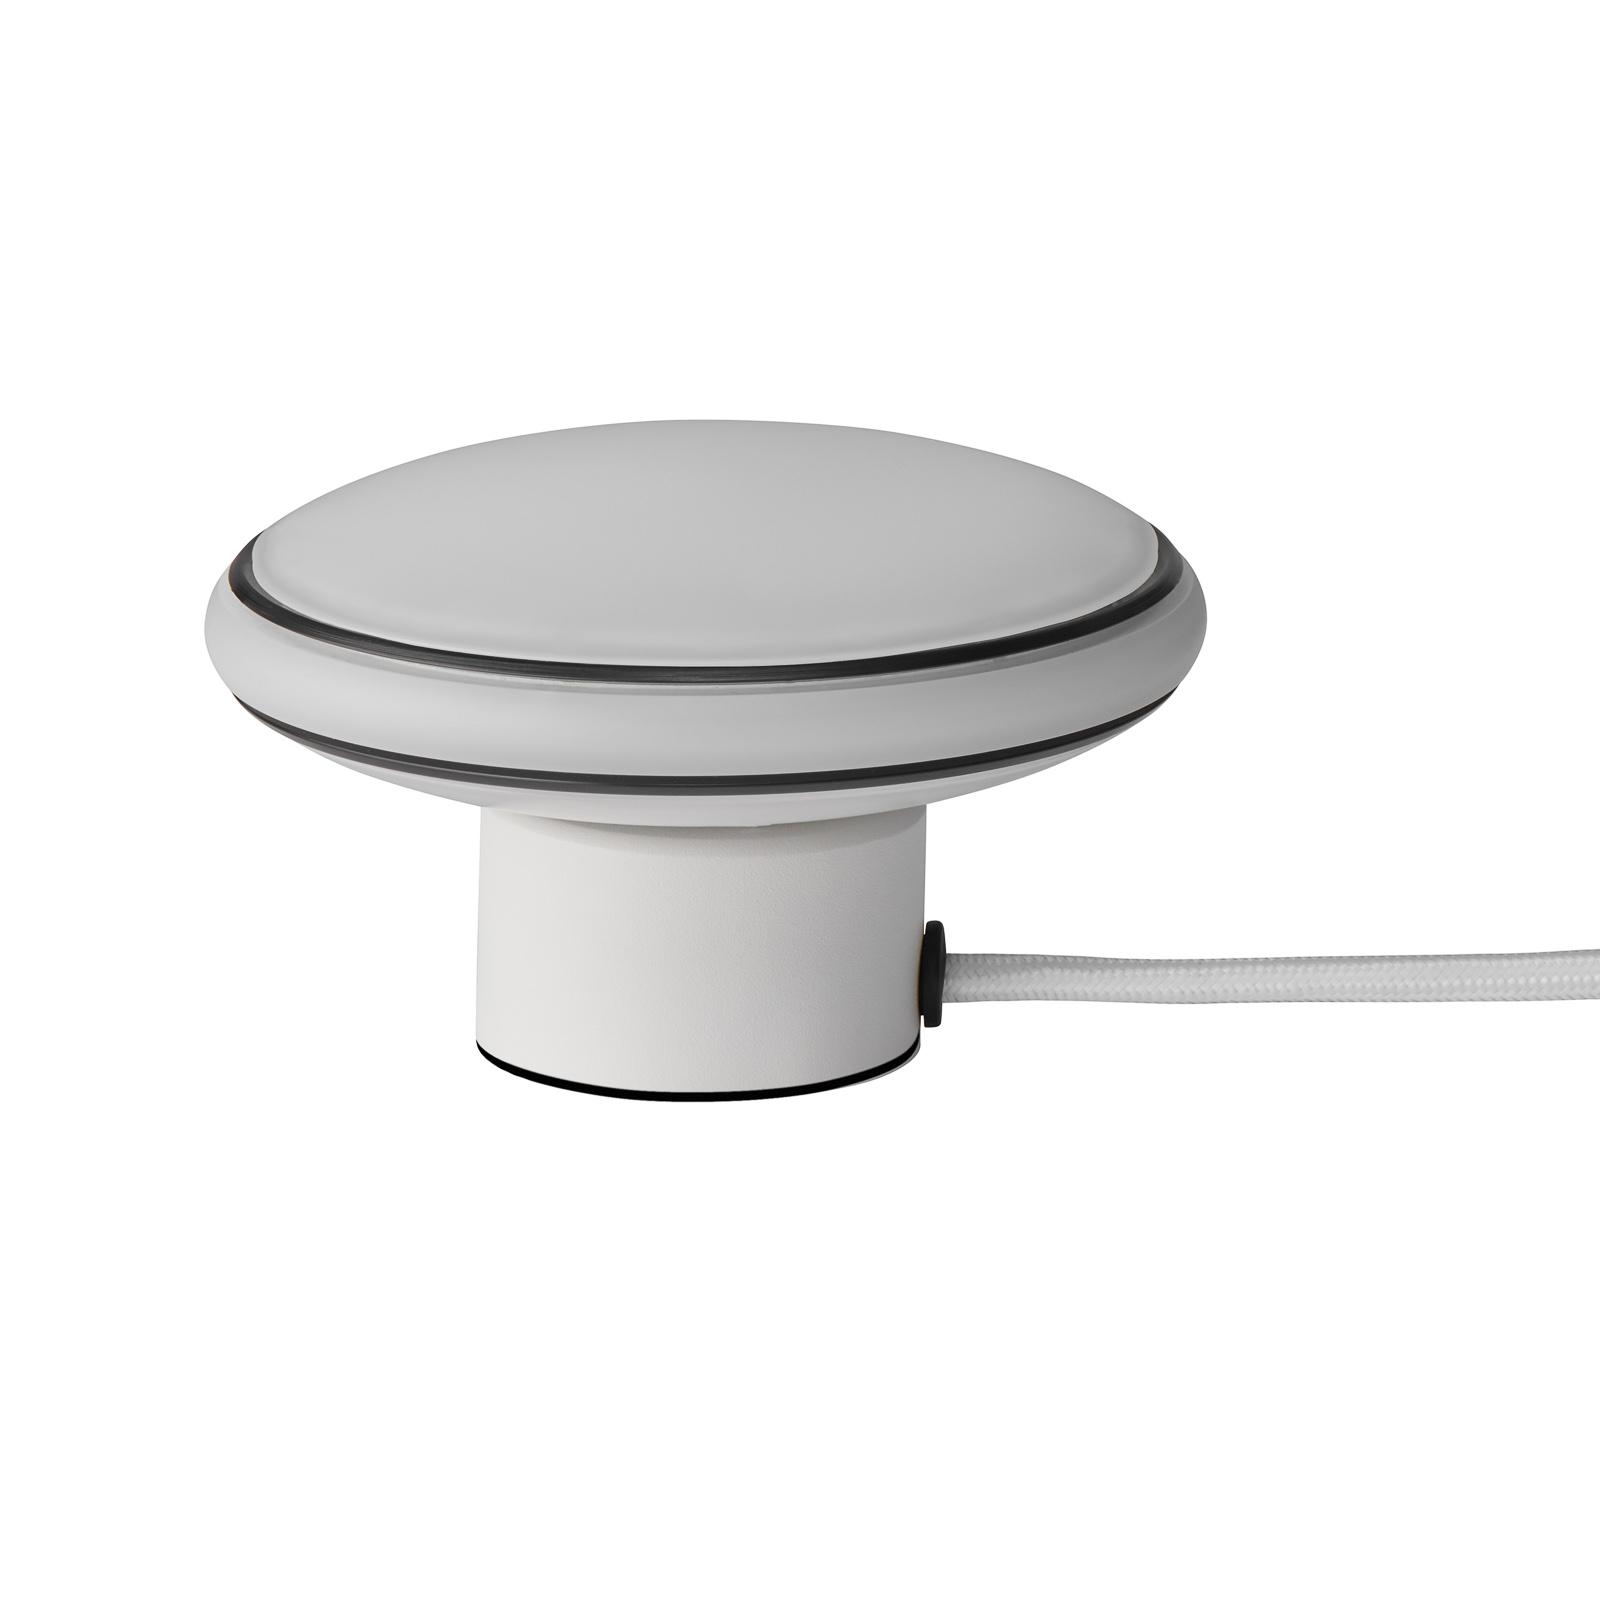 Shade ØS1 mini bord ringer svart fot hvit